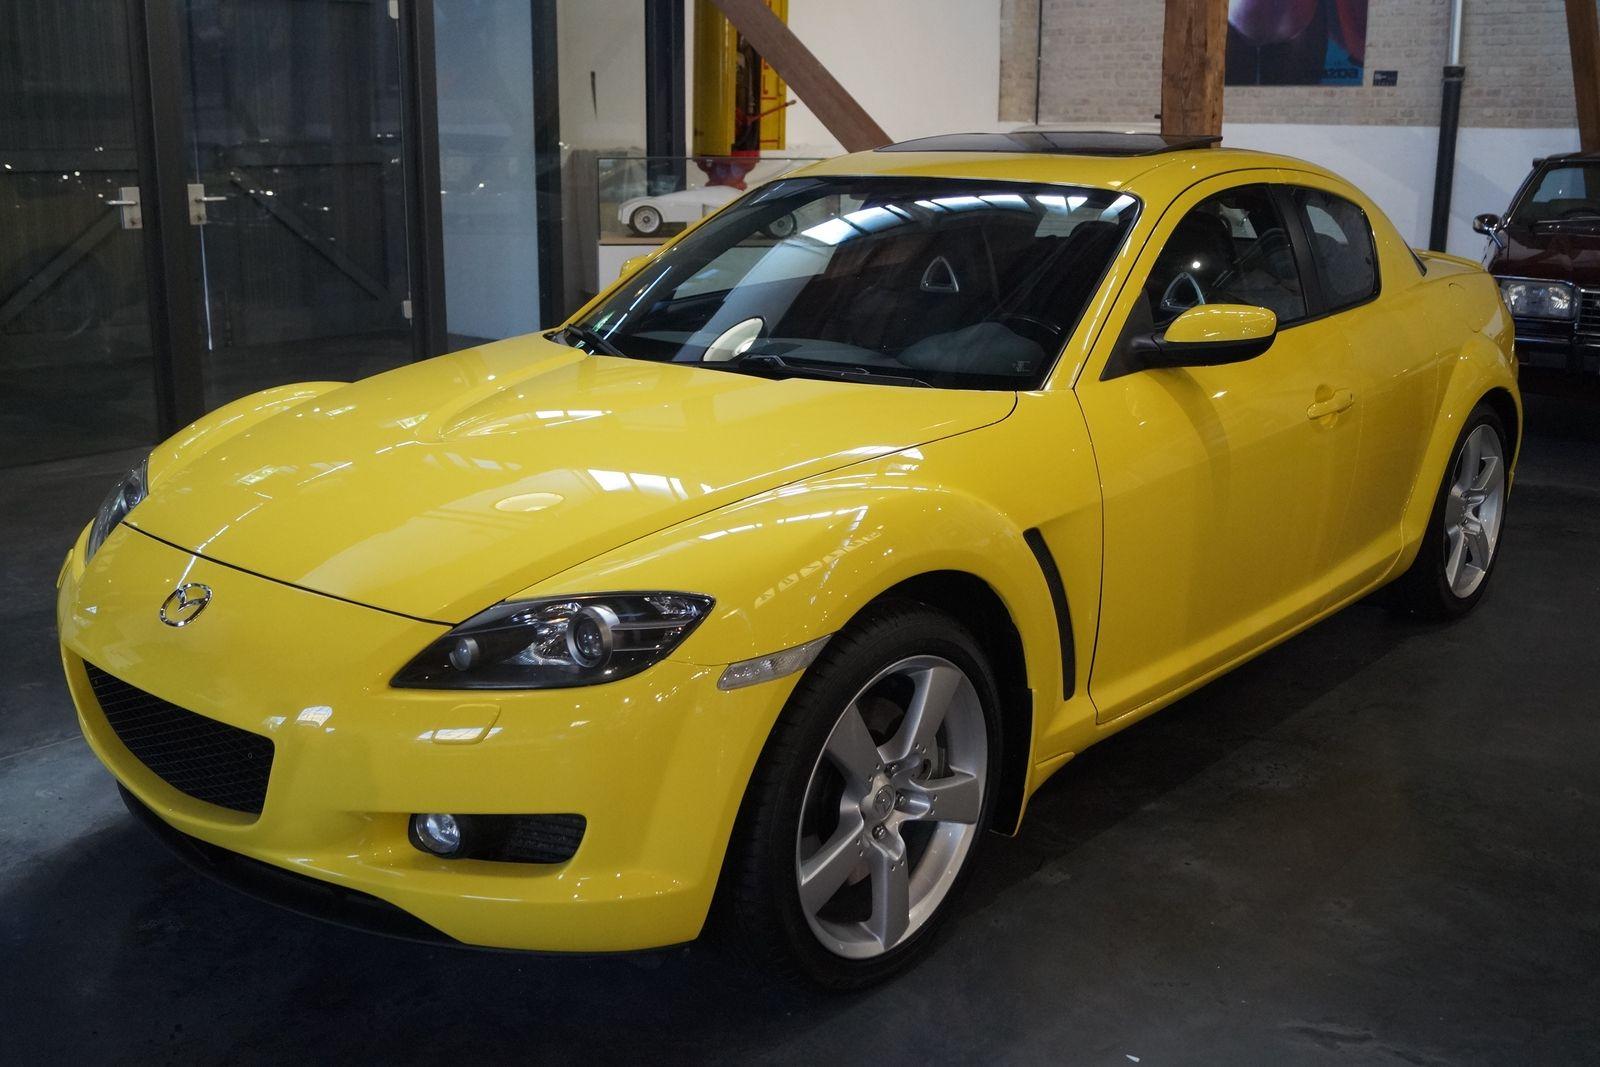 100 Jahre Mazda - RX 8